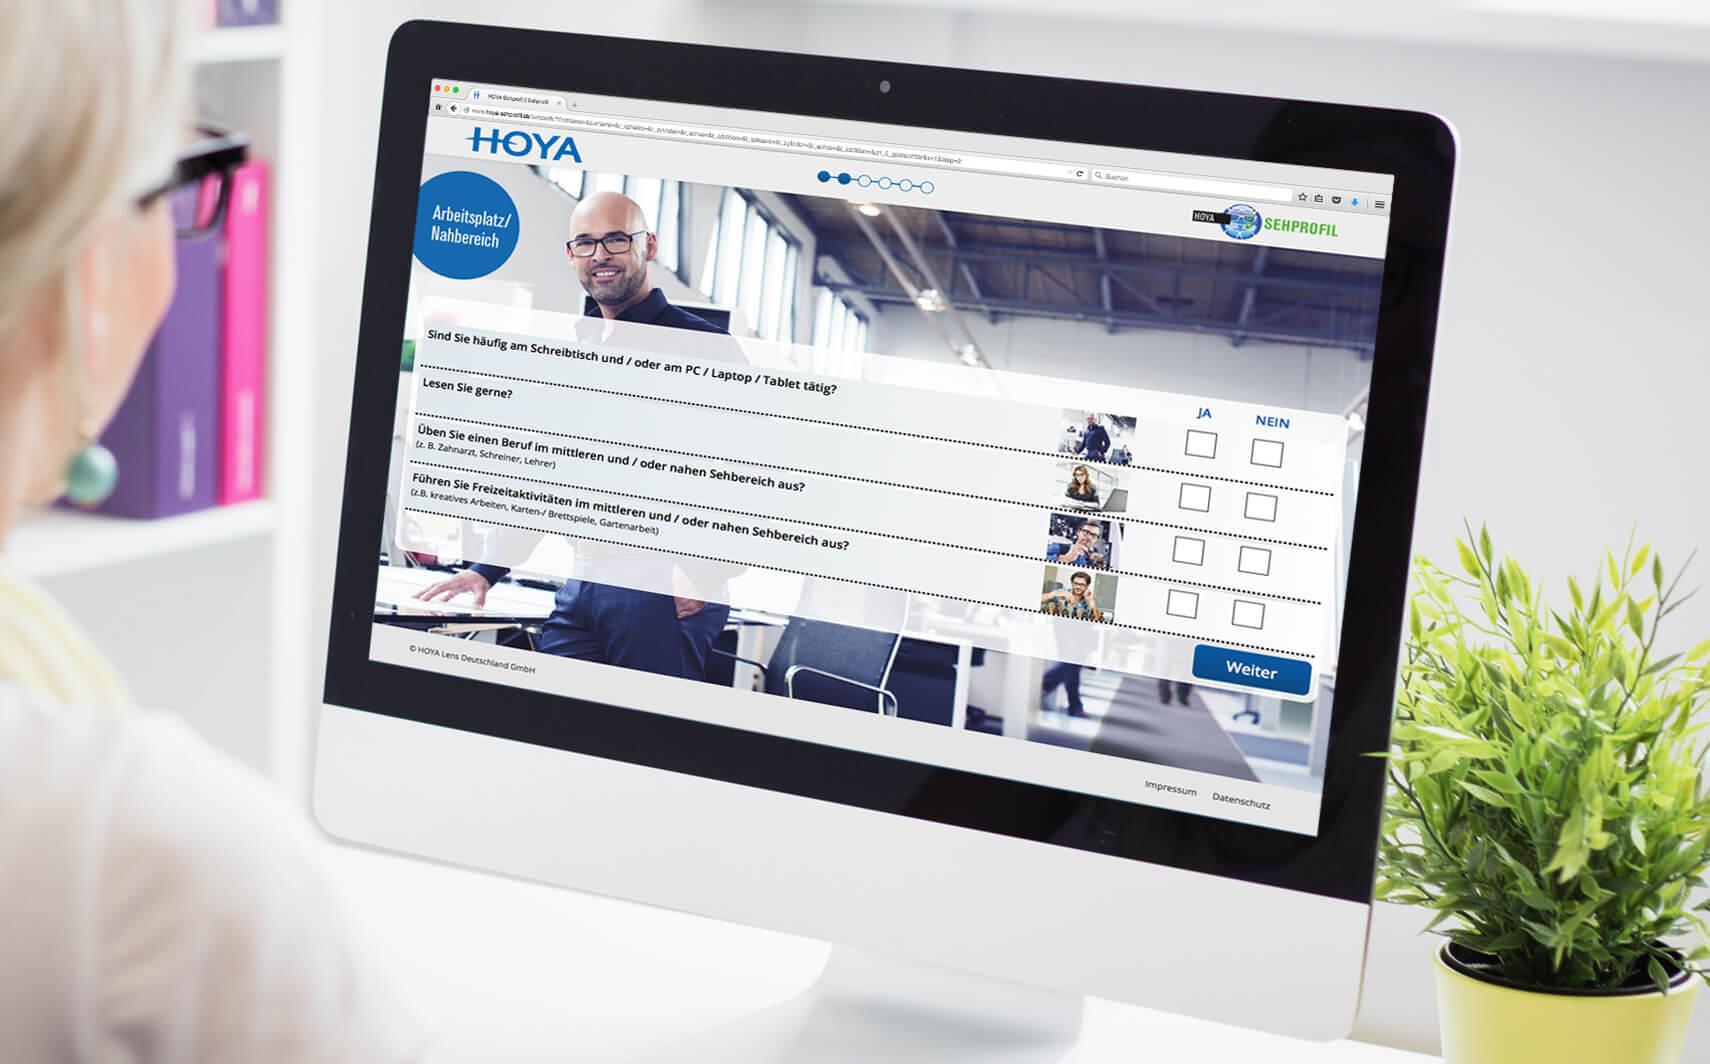 Referenz Website App Hoya Sehprofil